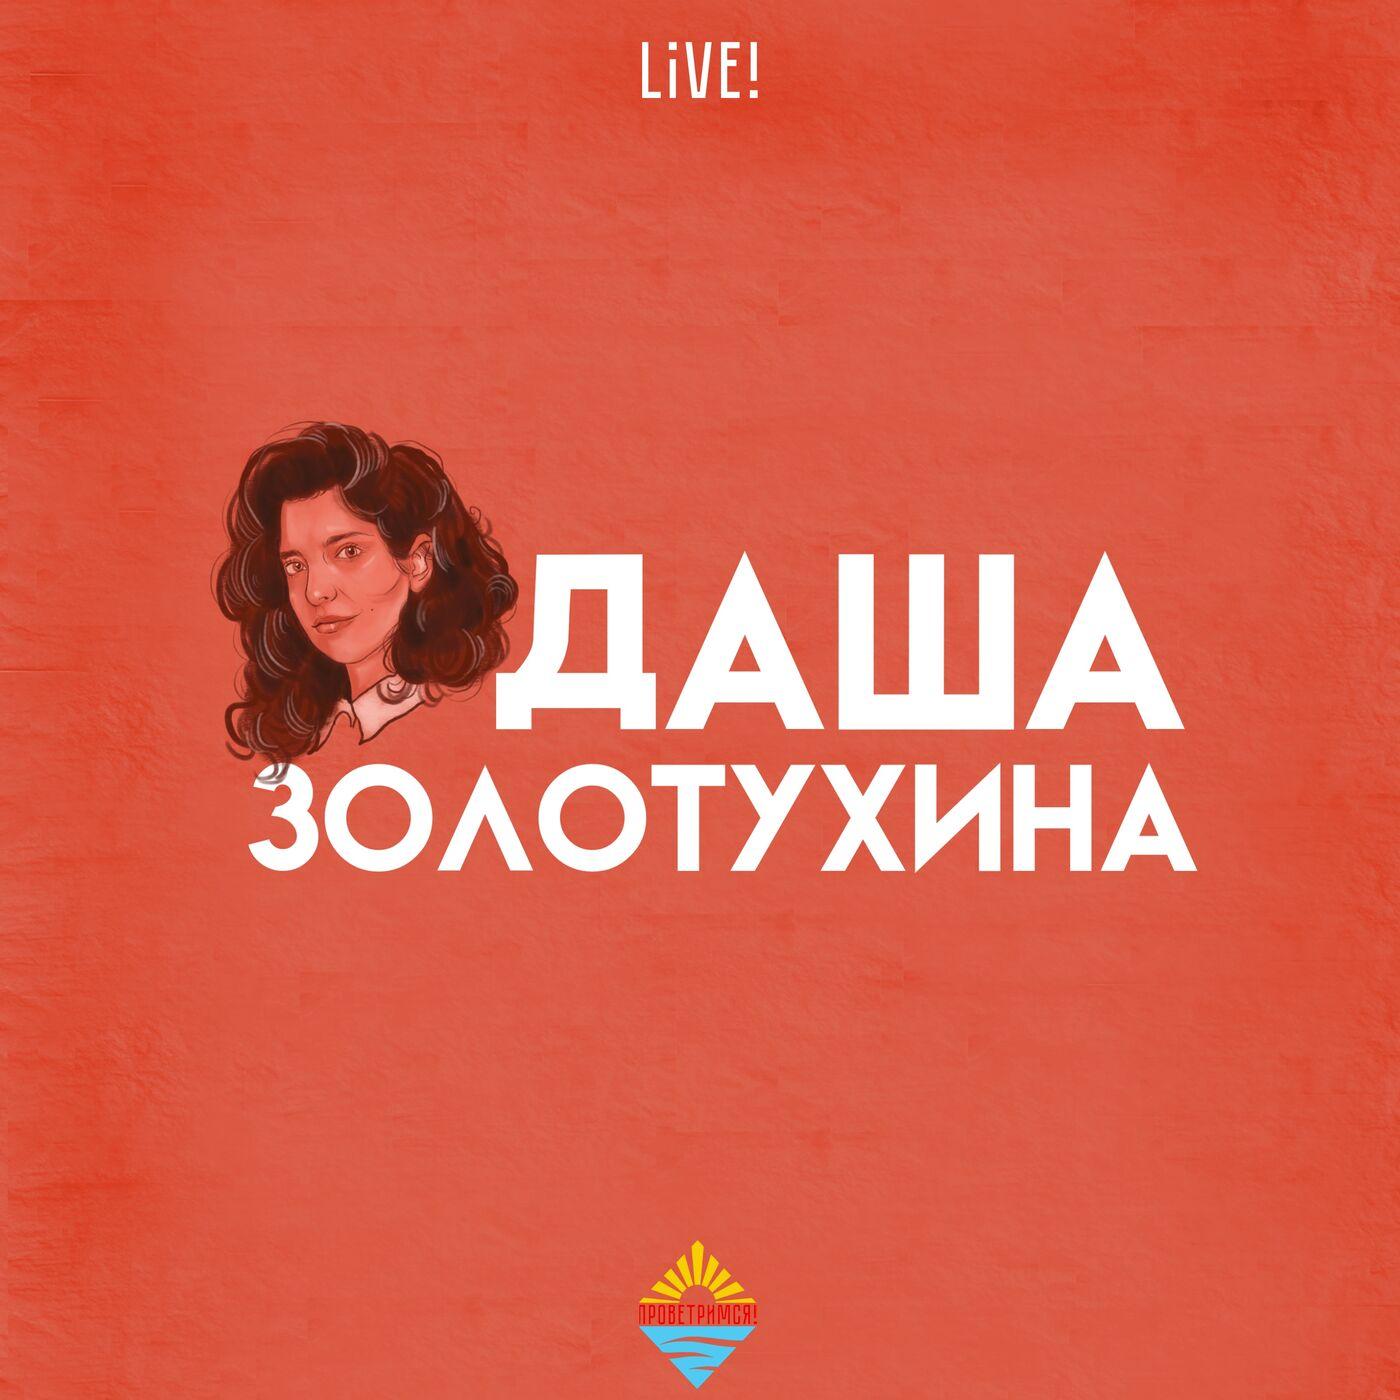 Даша Золотухина live!